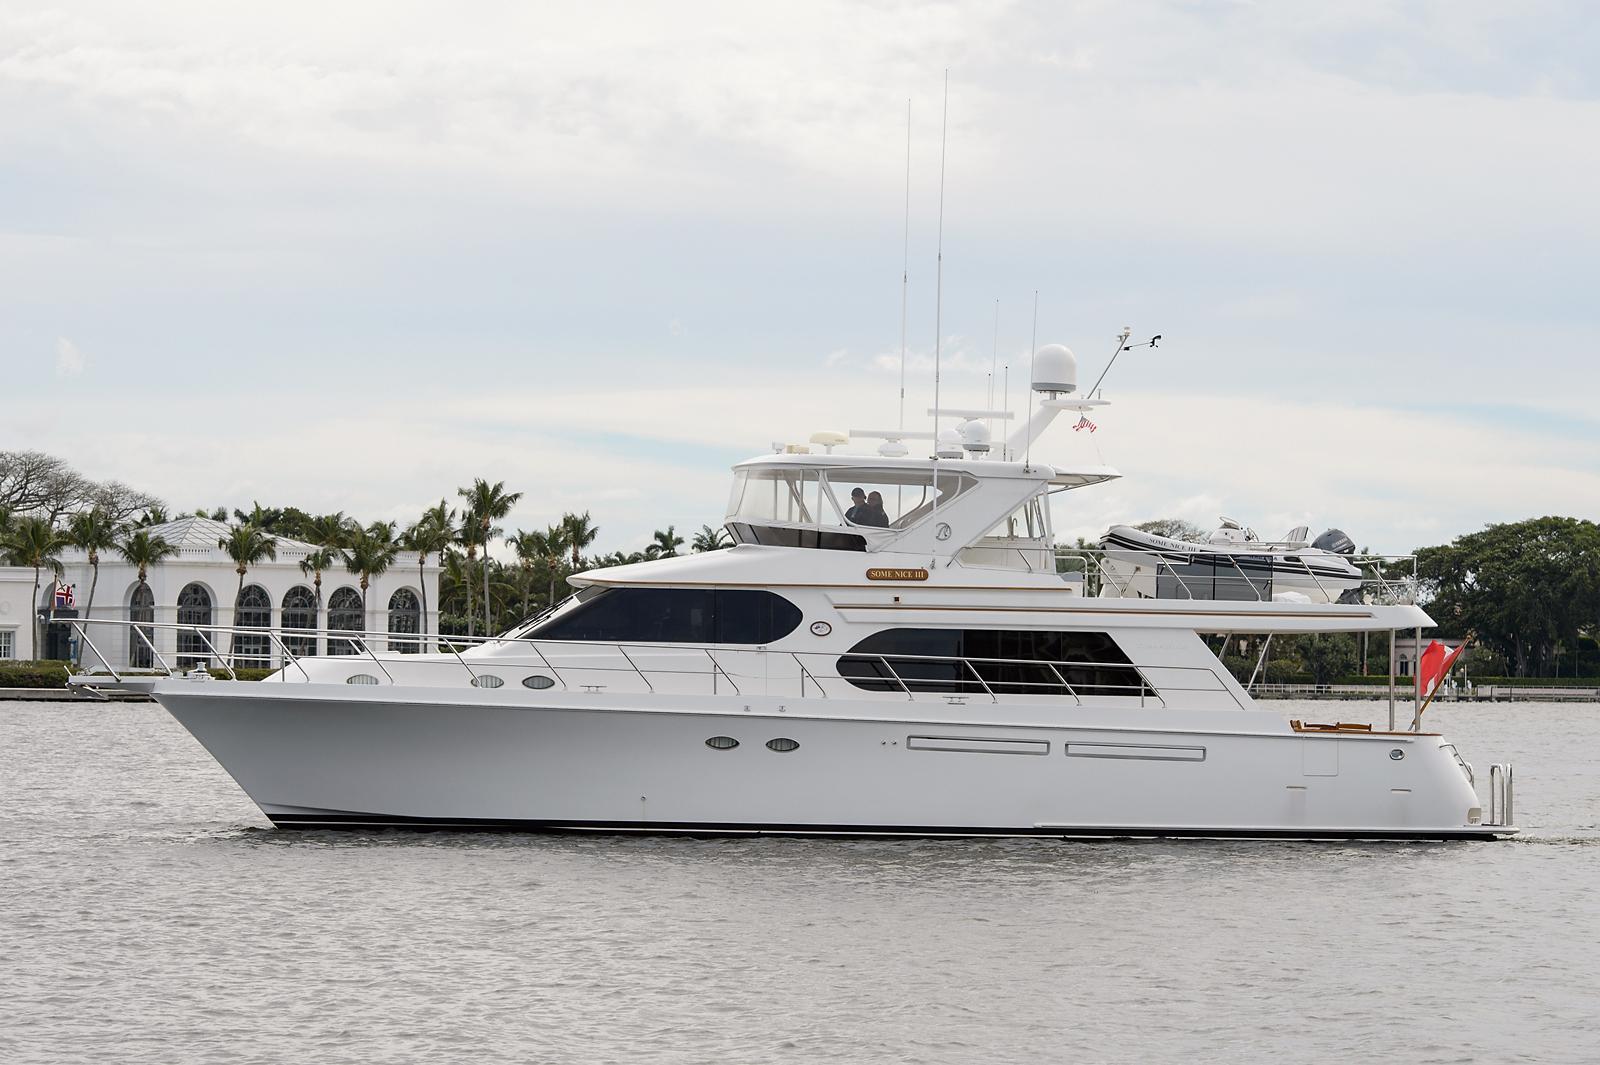 2009 Model 64 Ocean Alexander - SOME NICE III